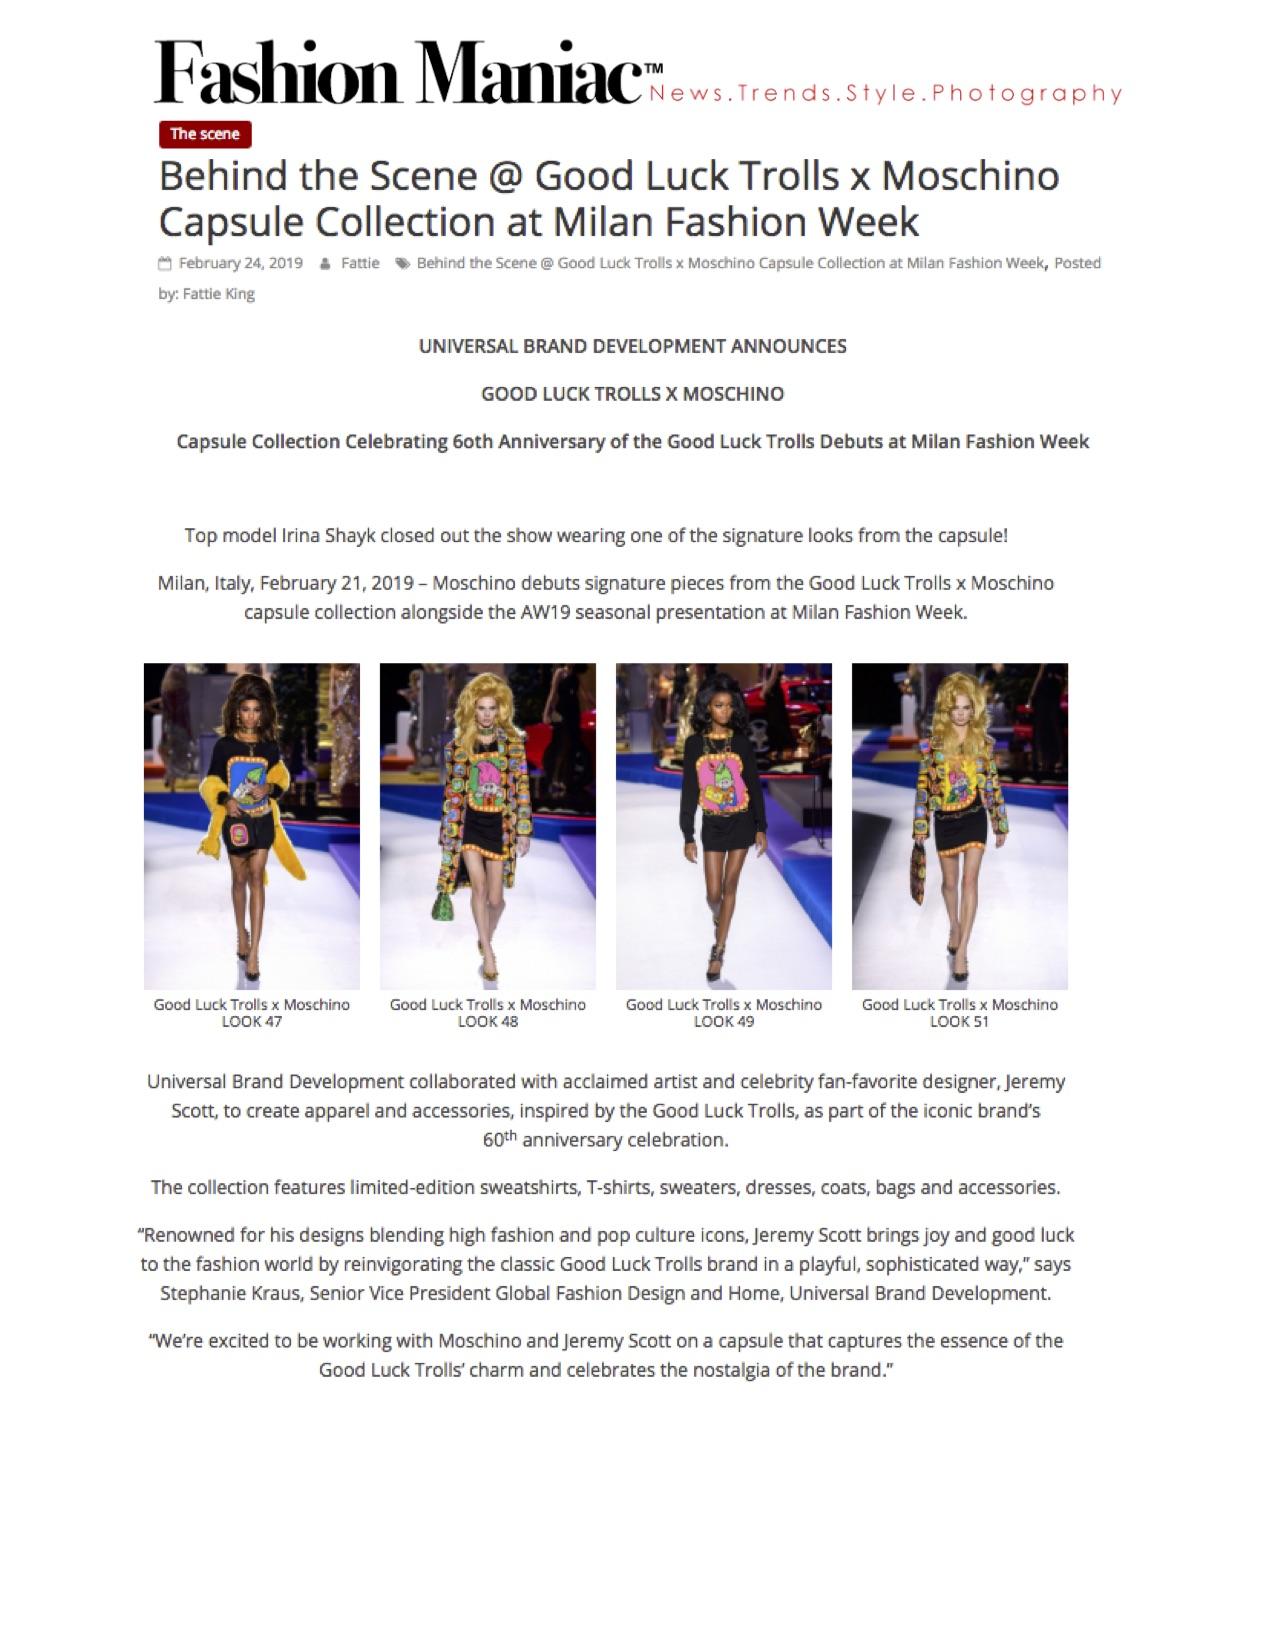 Fashion Maniac - Good Luck Trolls x Moschino.jpg